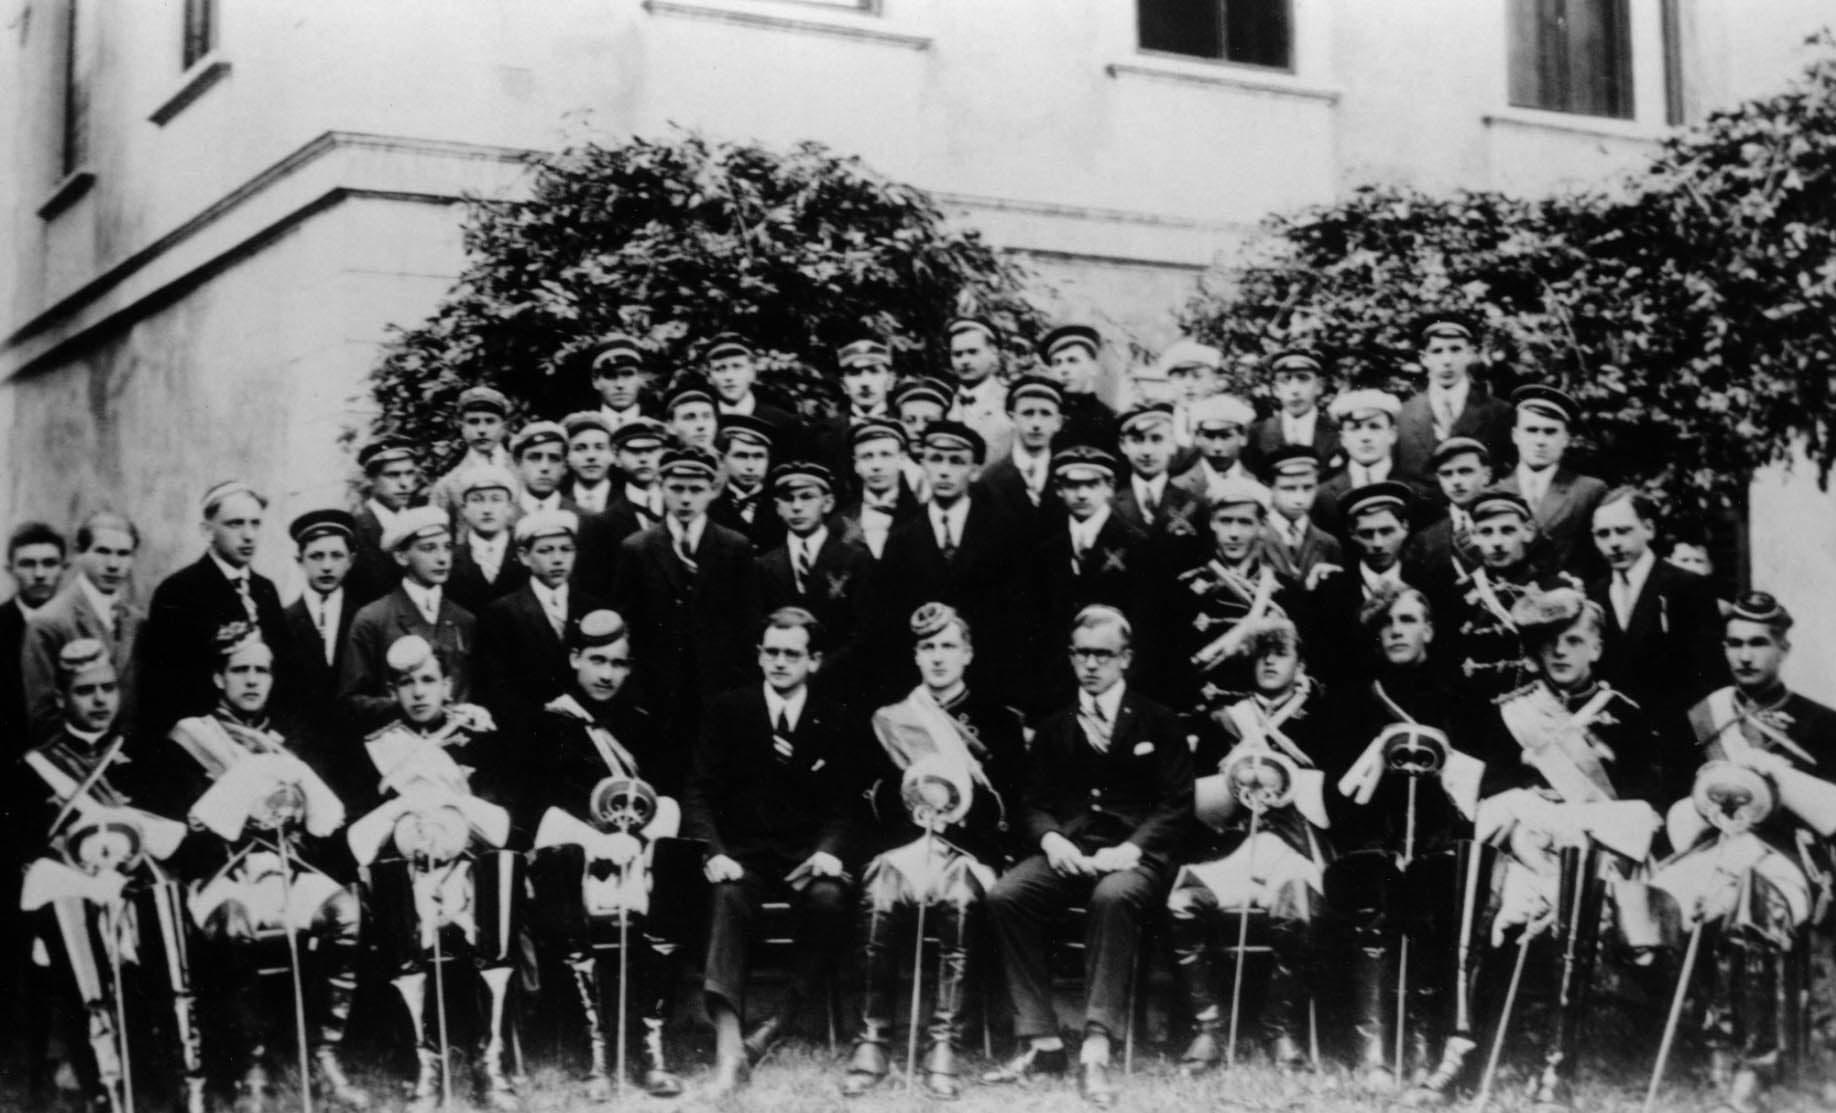 1926-07-31 Kartellfest Knittelfeld